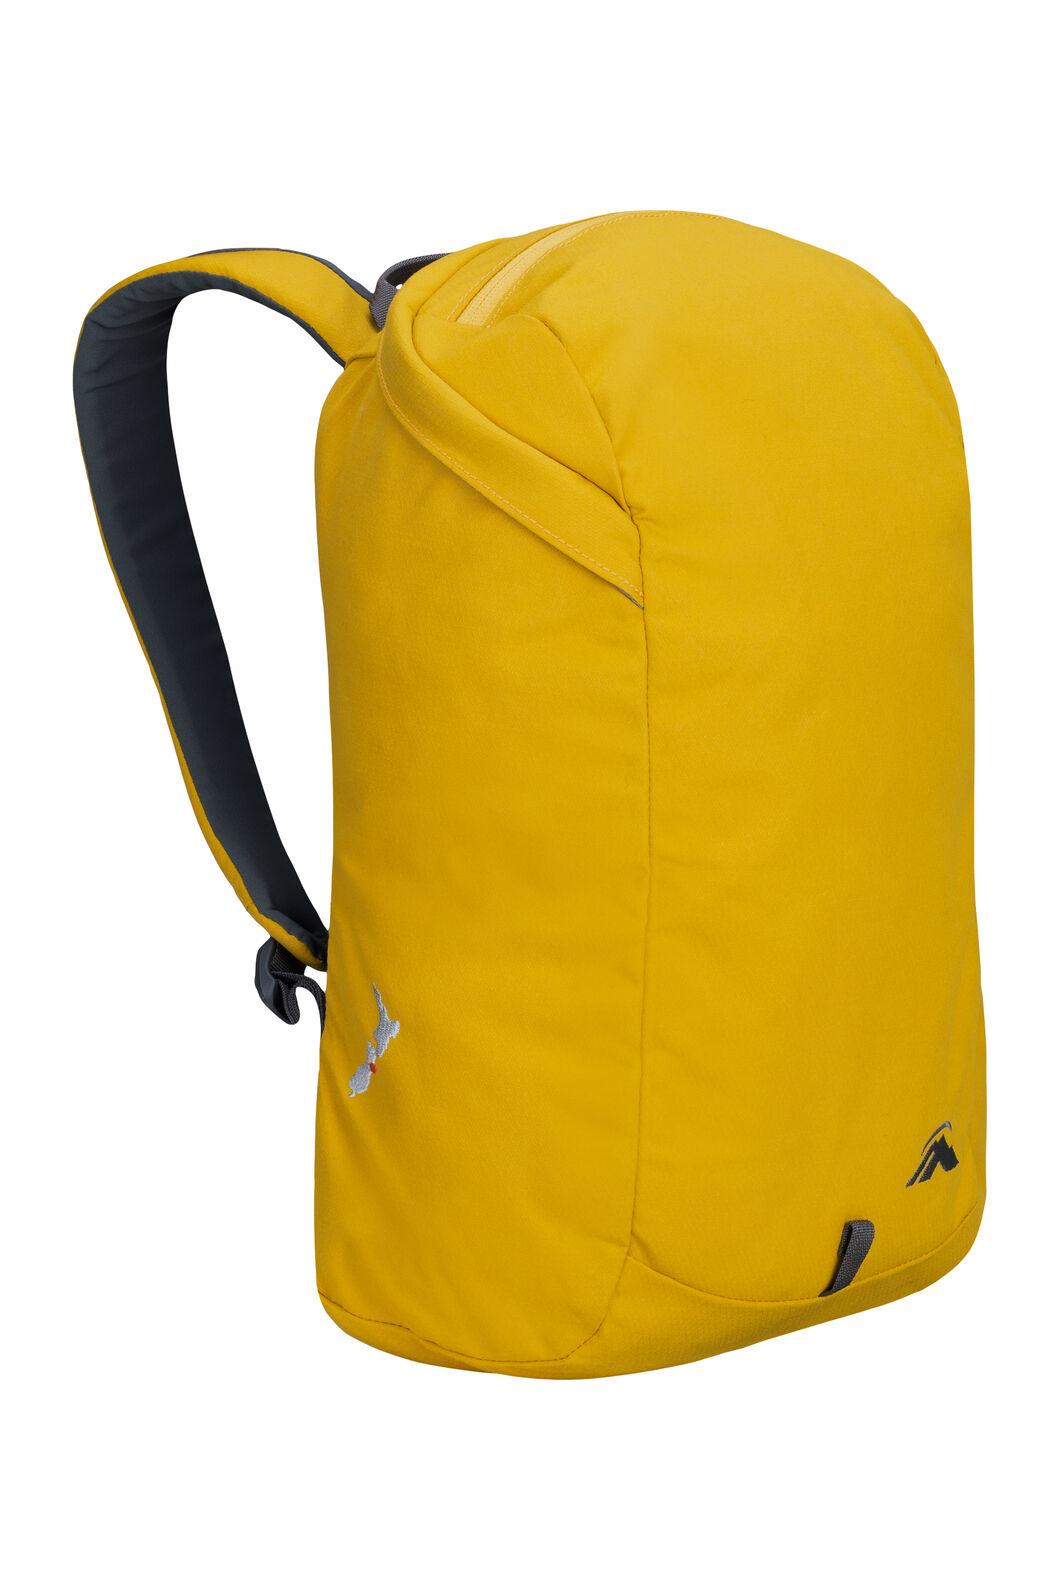 Macpac Piko Aztec® 13L Pack, Sulphur, hi-res